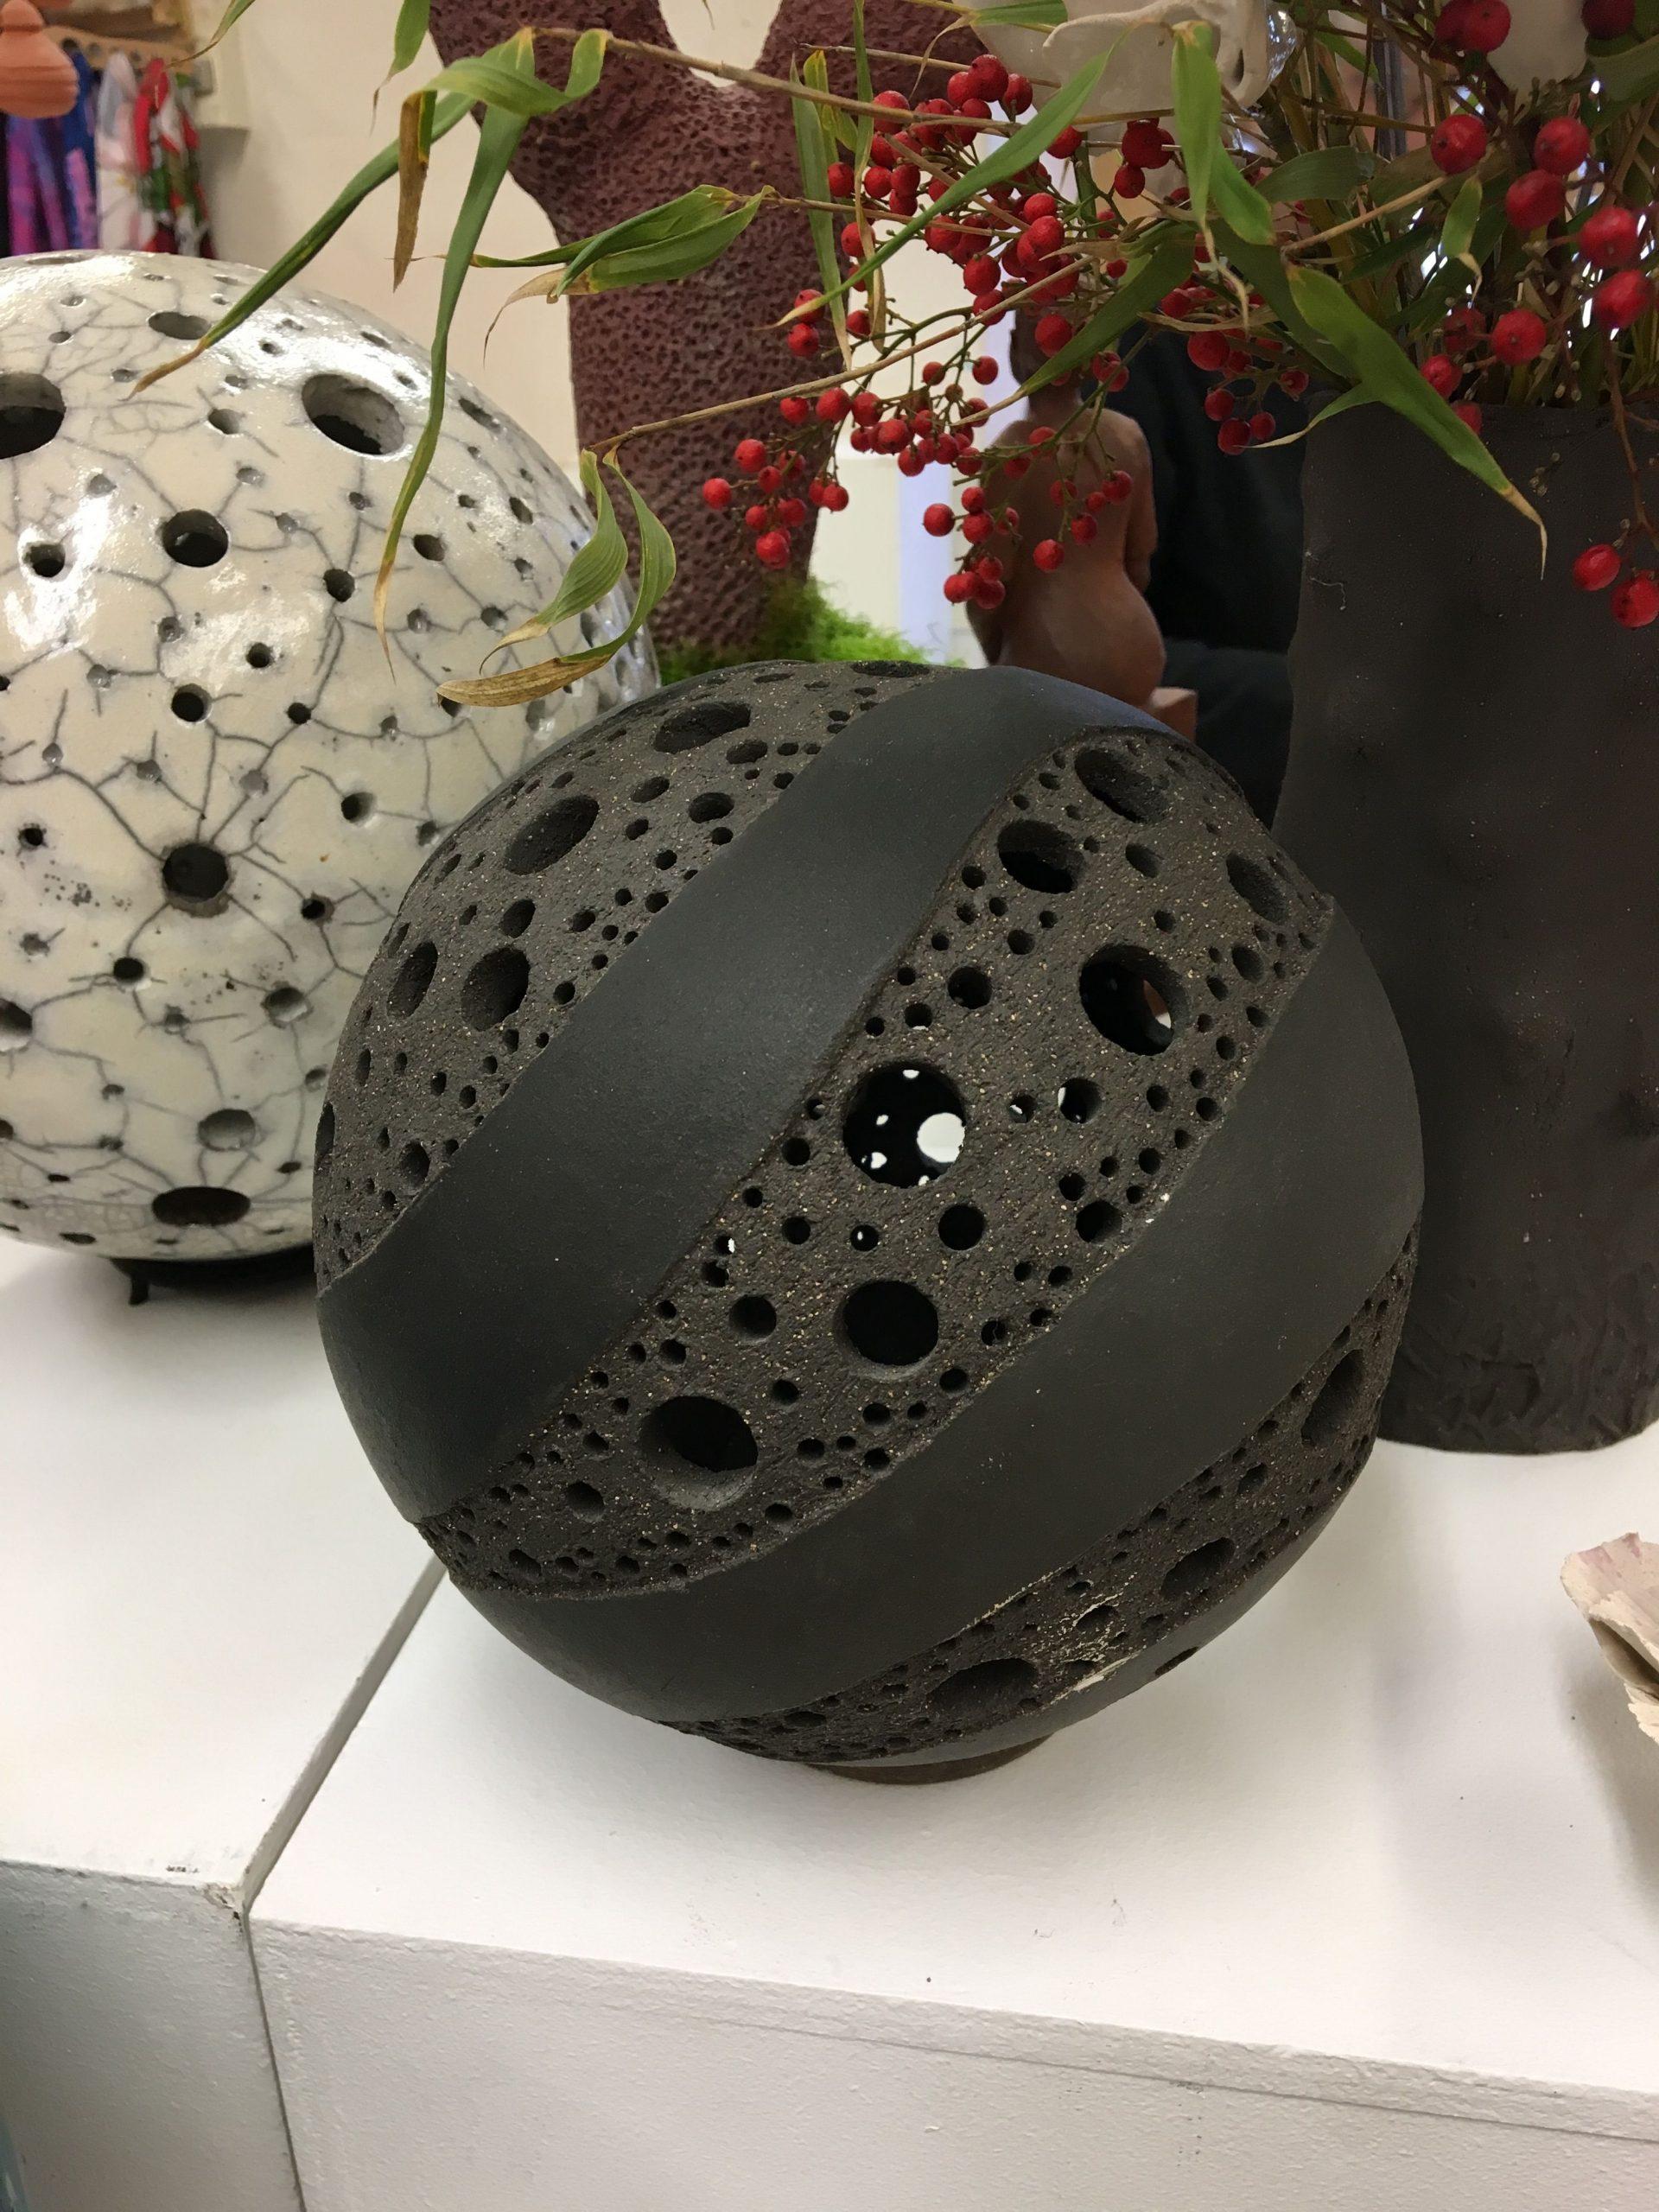 Épinglé Par Cynara Pombo Sur Ipottery | Poterie Céramique ... intérieur Boule Céramique Jardin